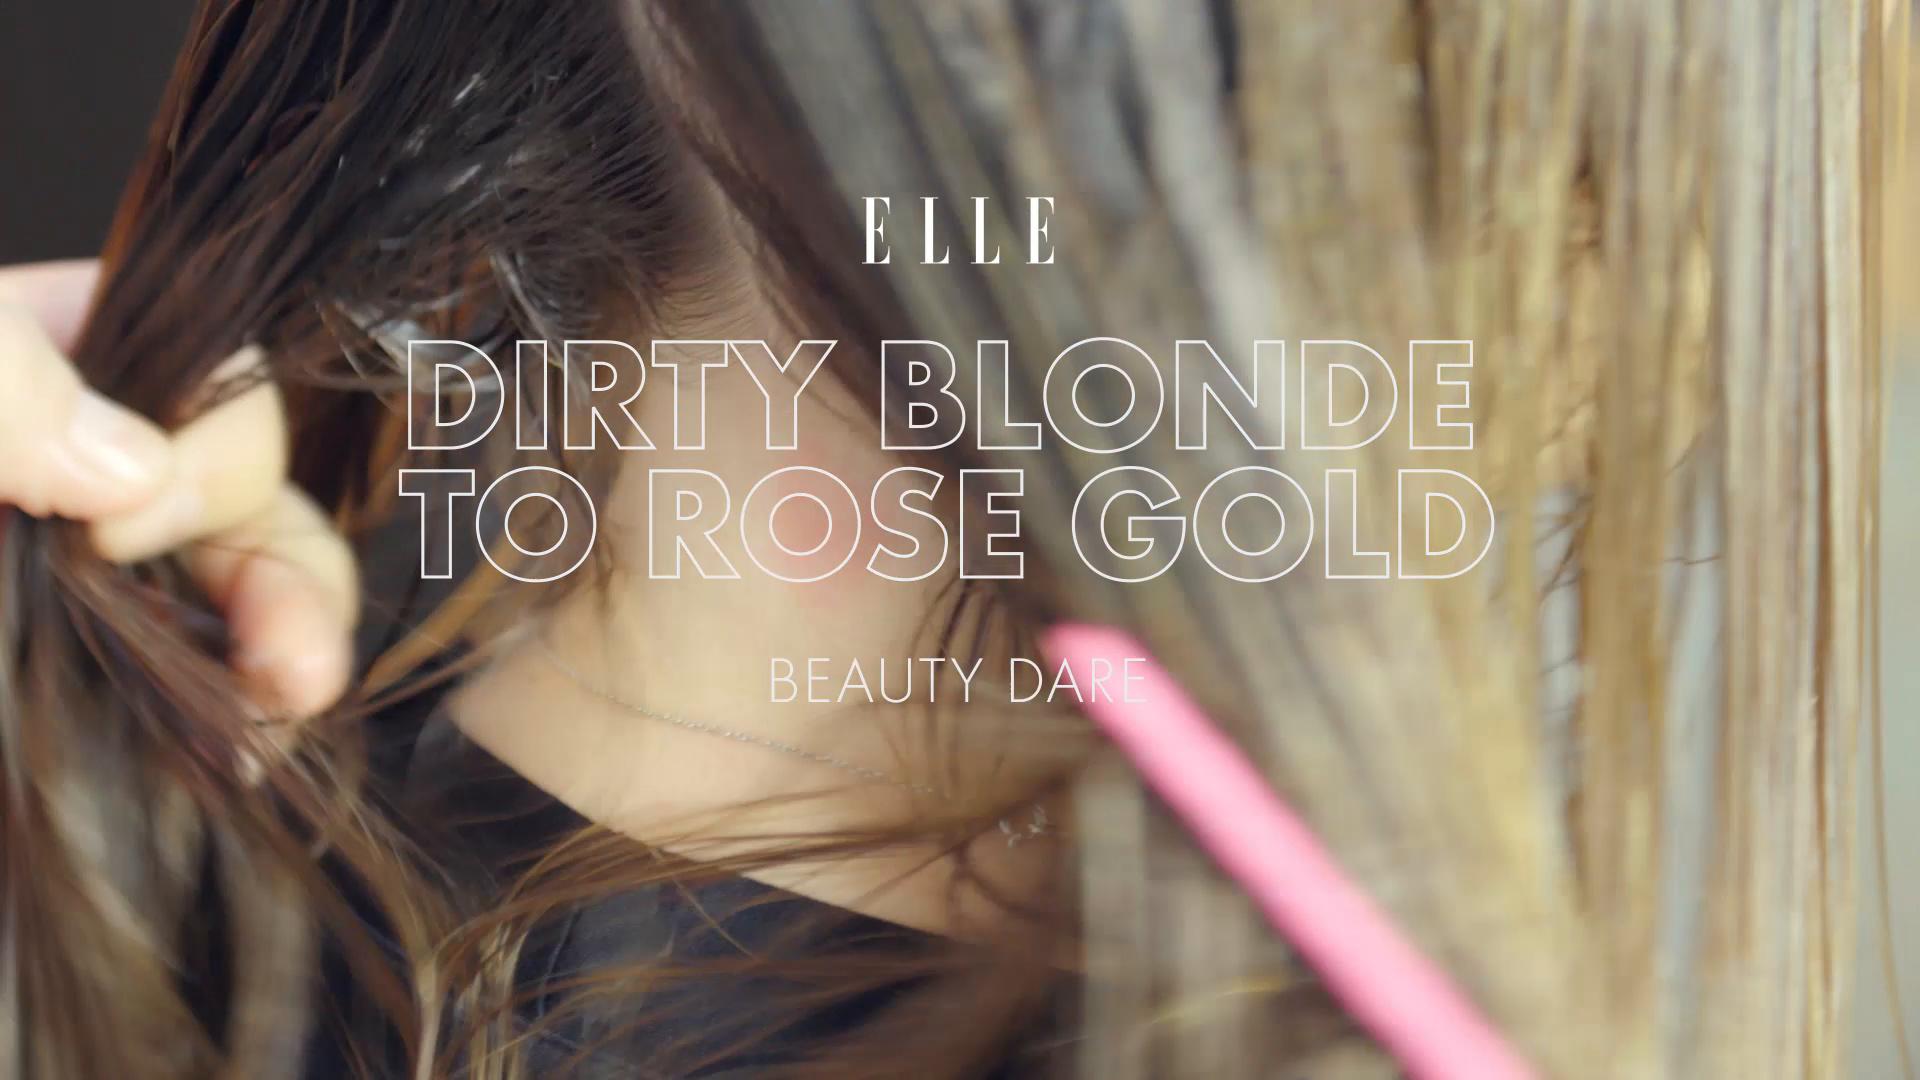 Elle Beauty Videos